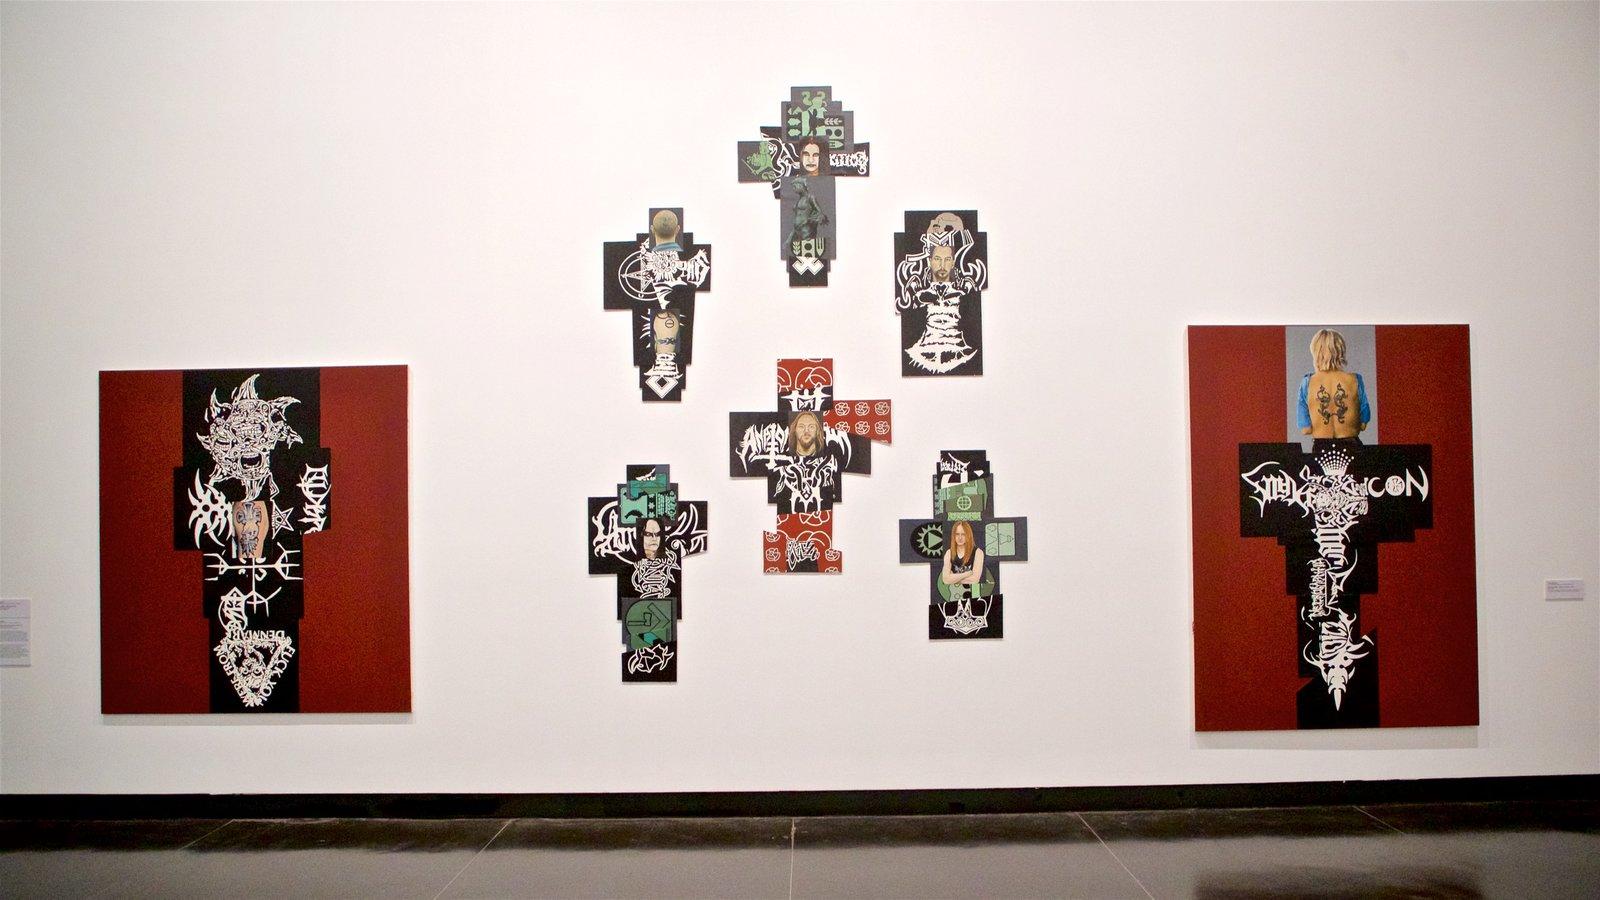 Museo de arte Ian Potter que incluye vistas interiores y arte